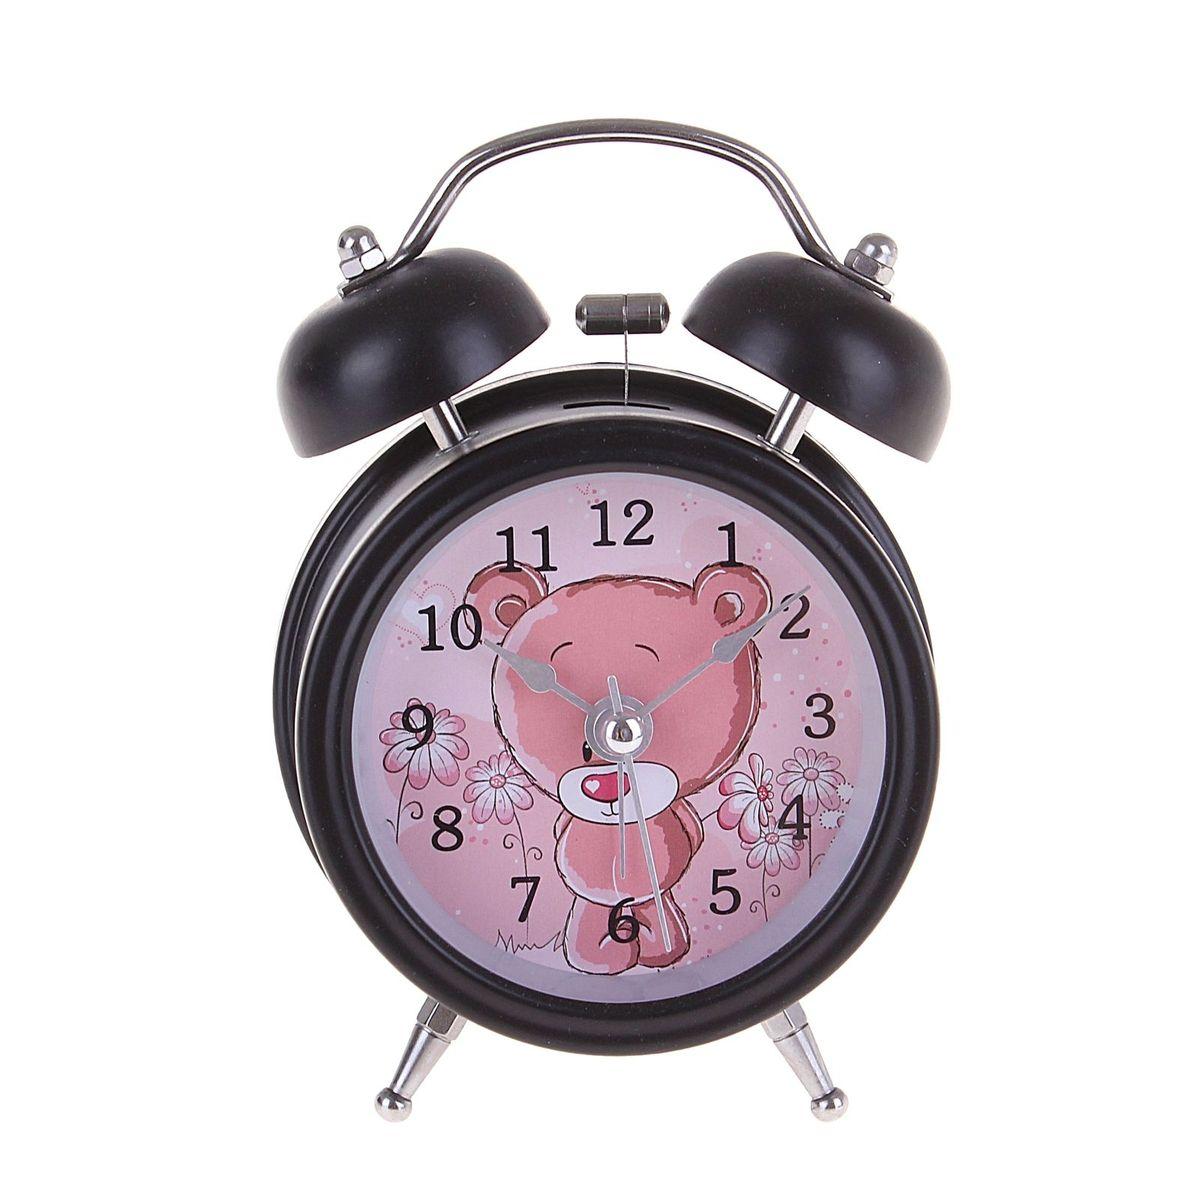 Будильник d=8см 2 звоночка на циферблате Мишка-стесняшка, цвет: черный. 127199127199Металл, стекло, пластик